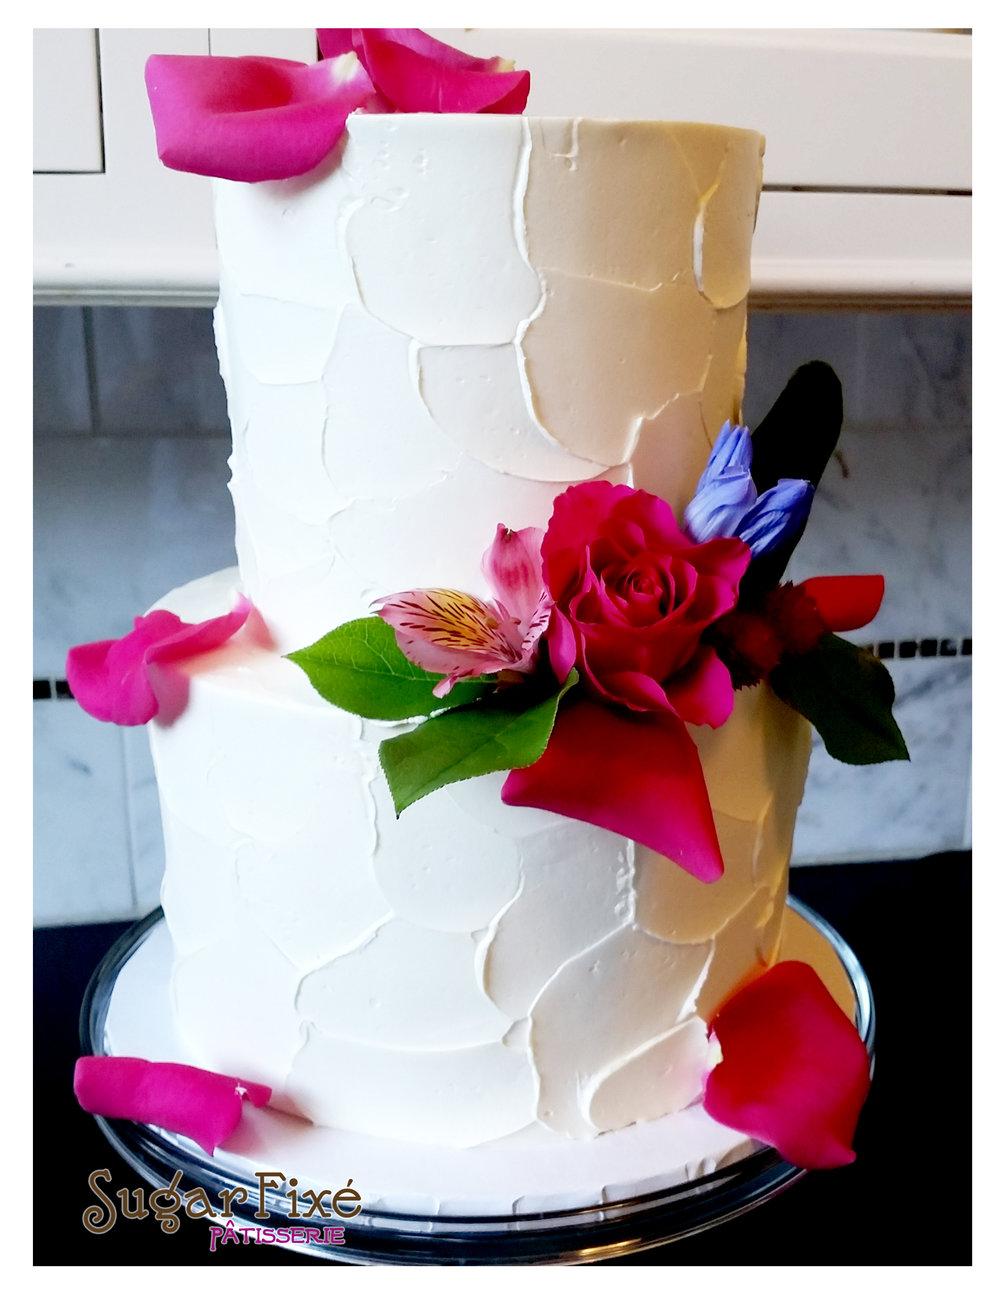 2 tiered rusting rose petals.jpg